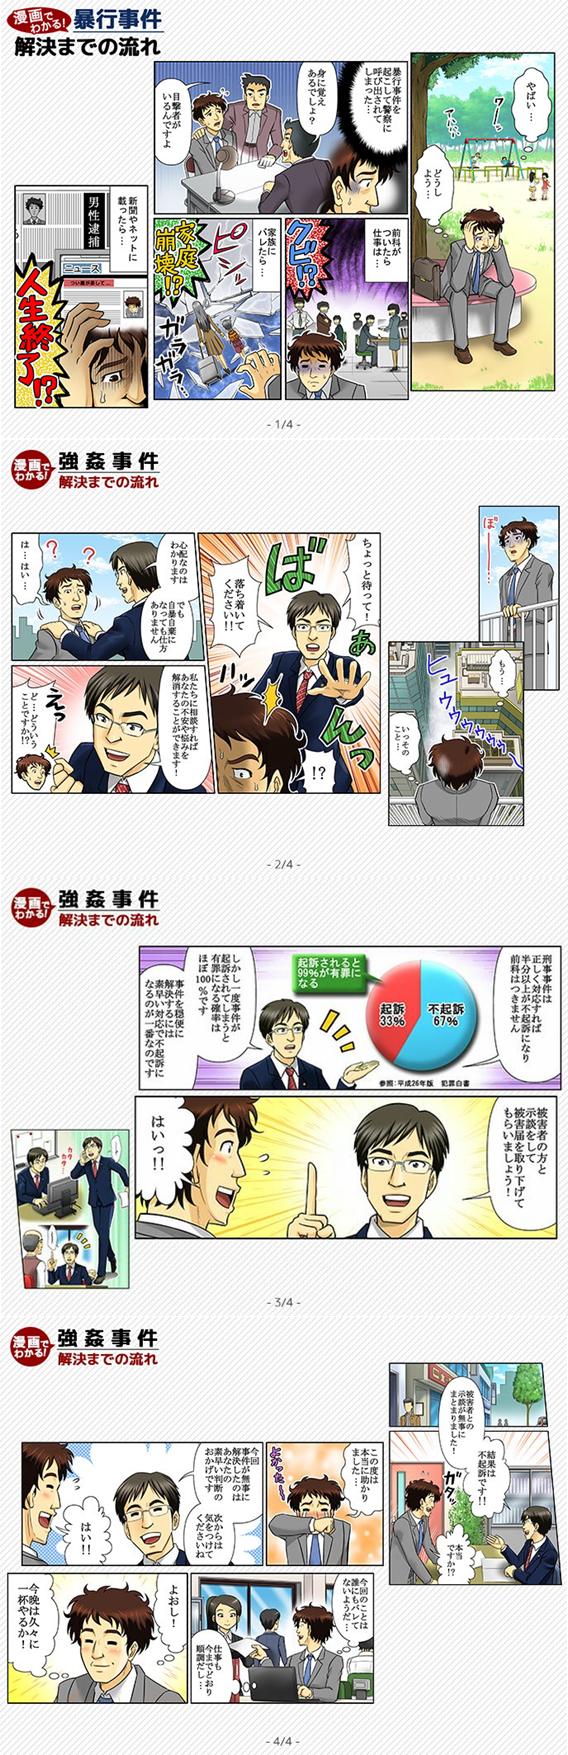 日本文化アピールのクールジャパン機構、「幹部がセクハラ」と提訴される